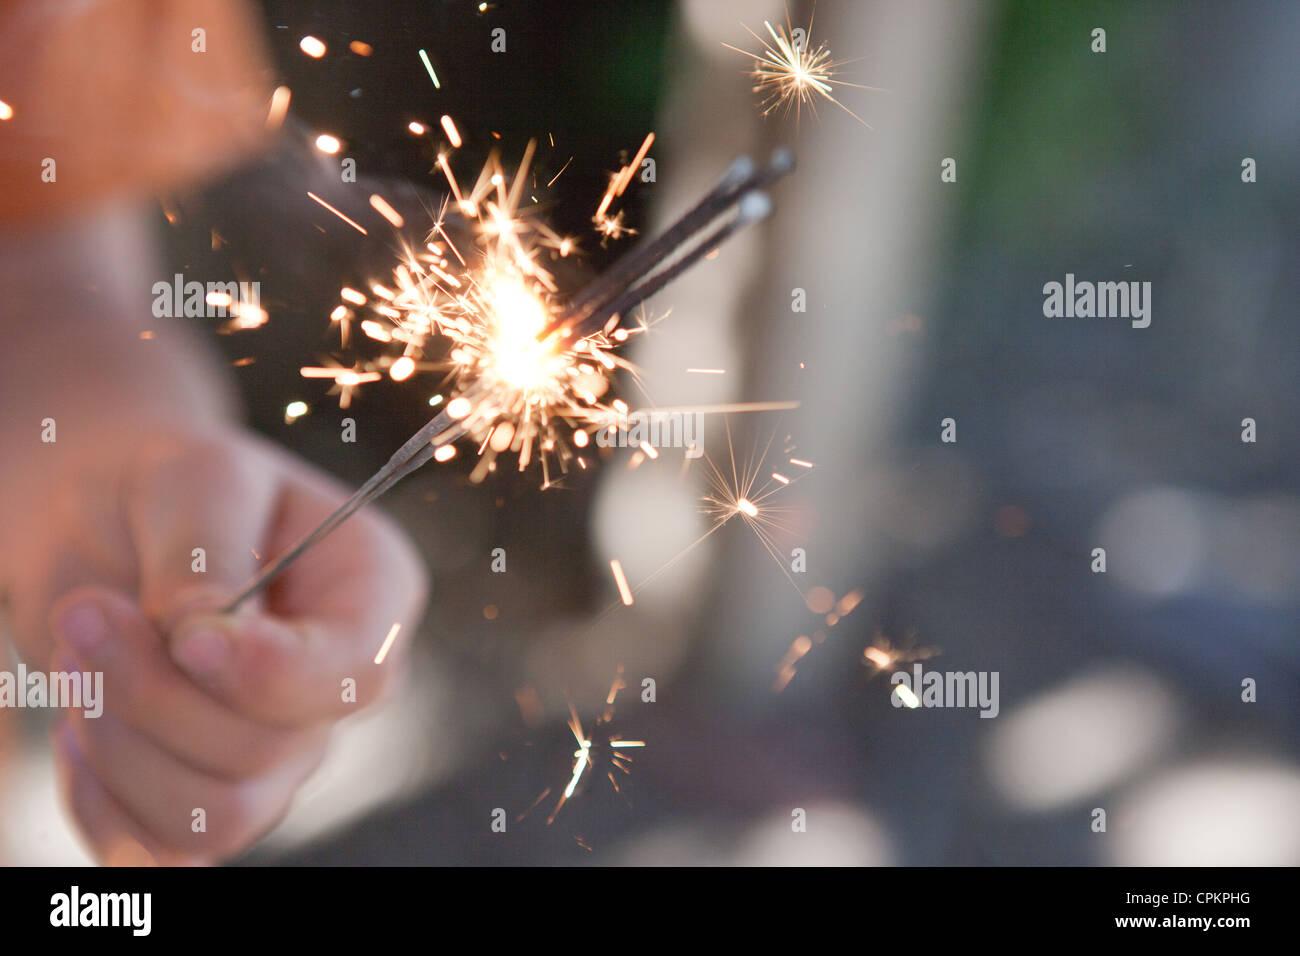 Nahaufnahme eines Kindes halten mehrere Wunderkerzen brennen. Stockbild